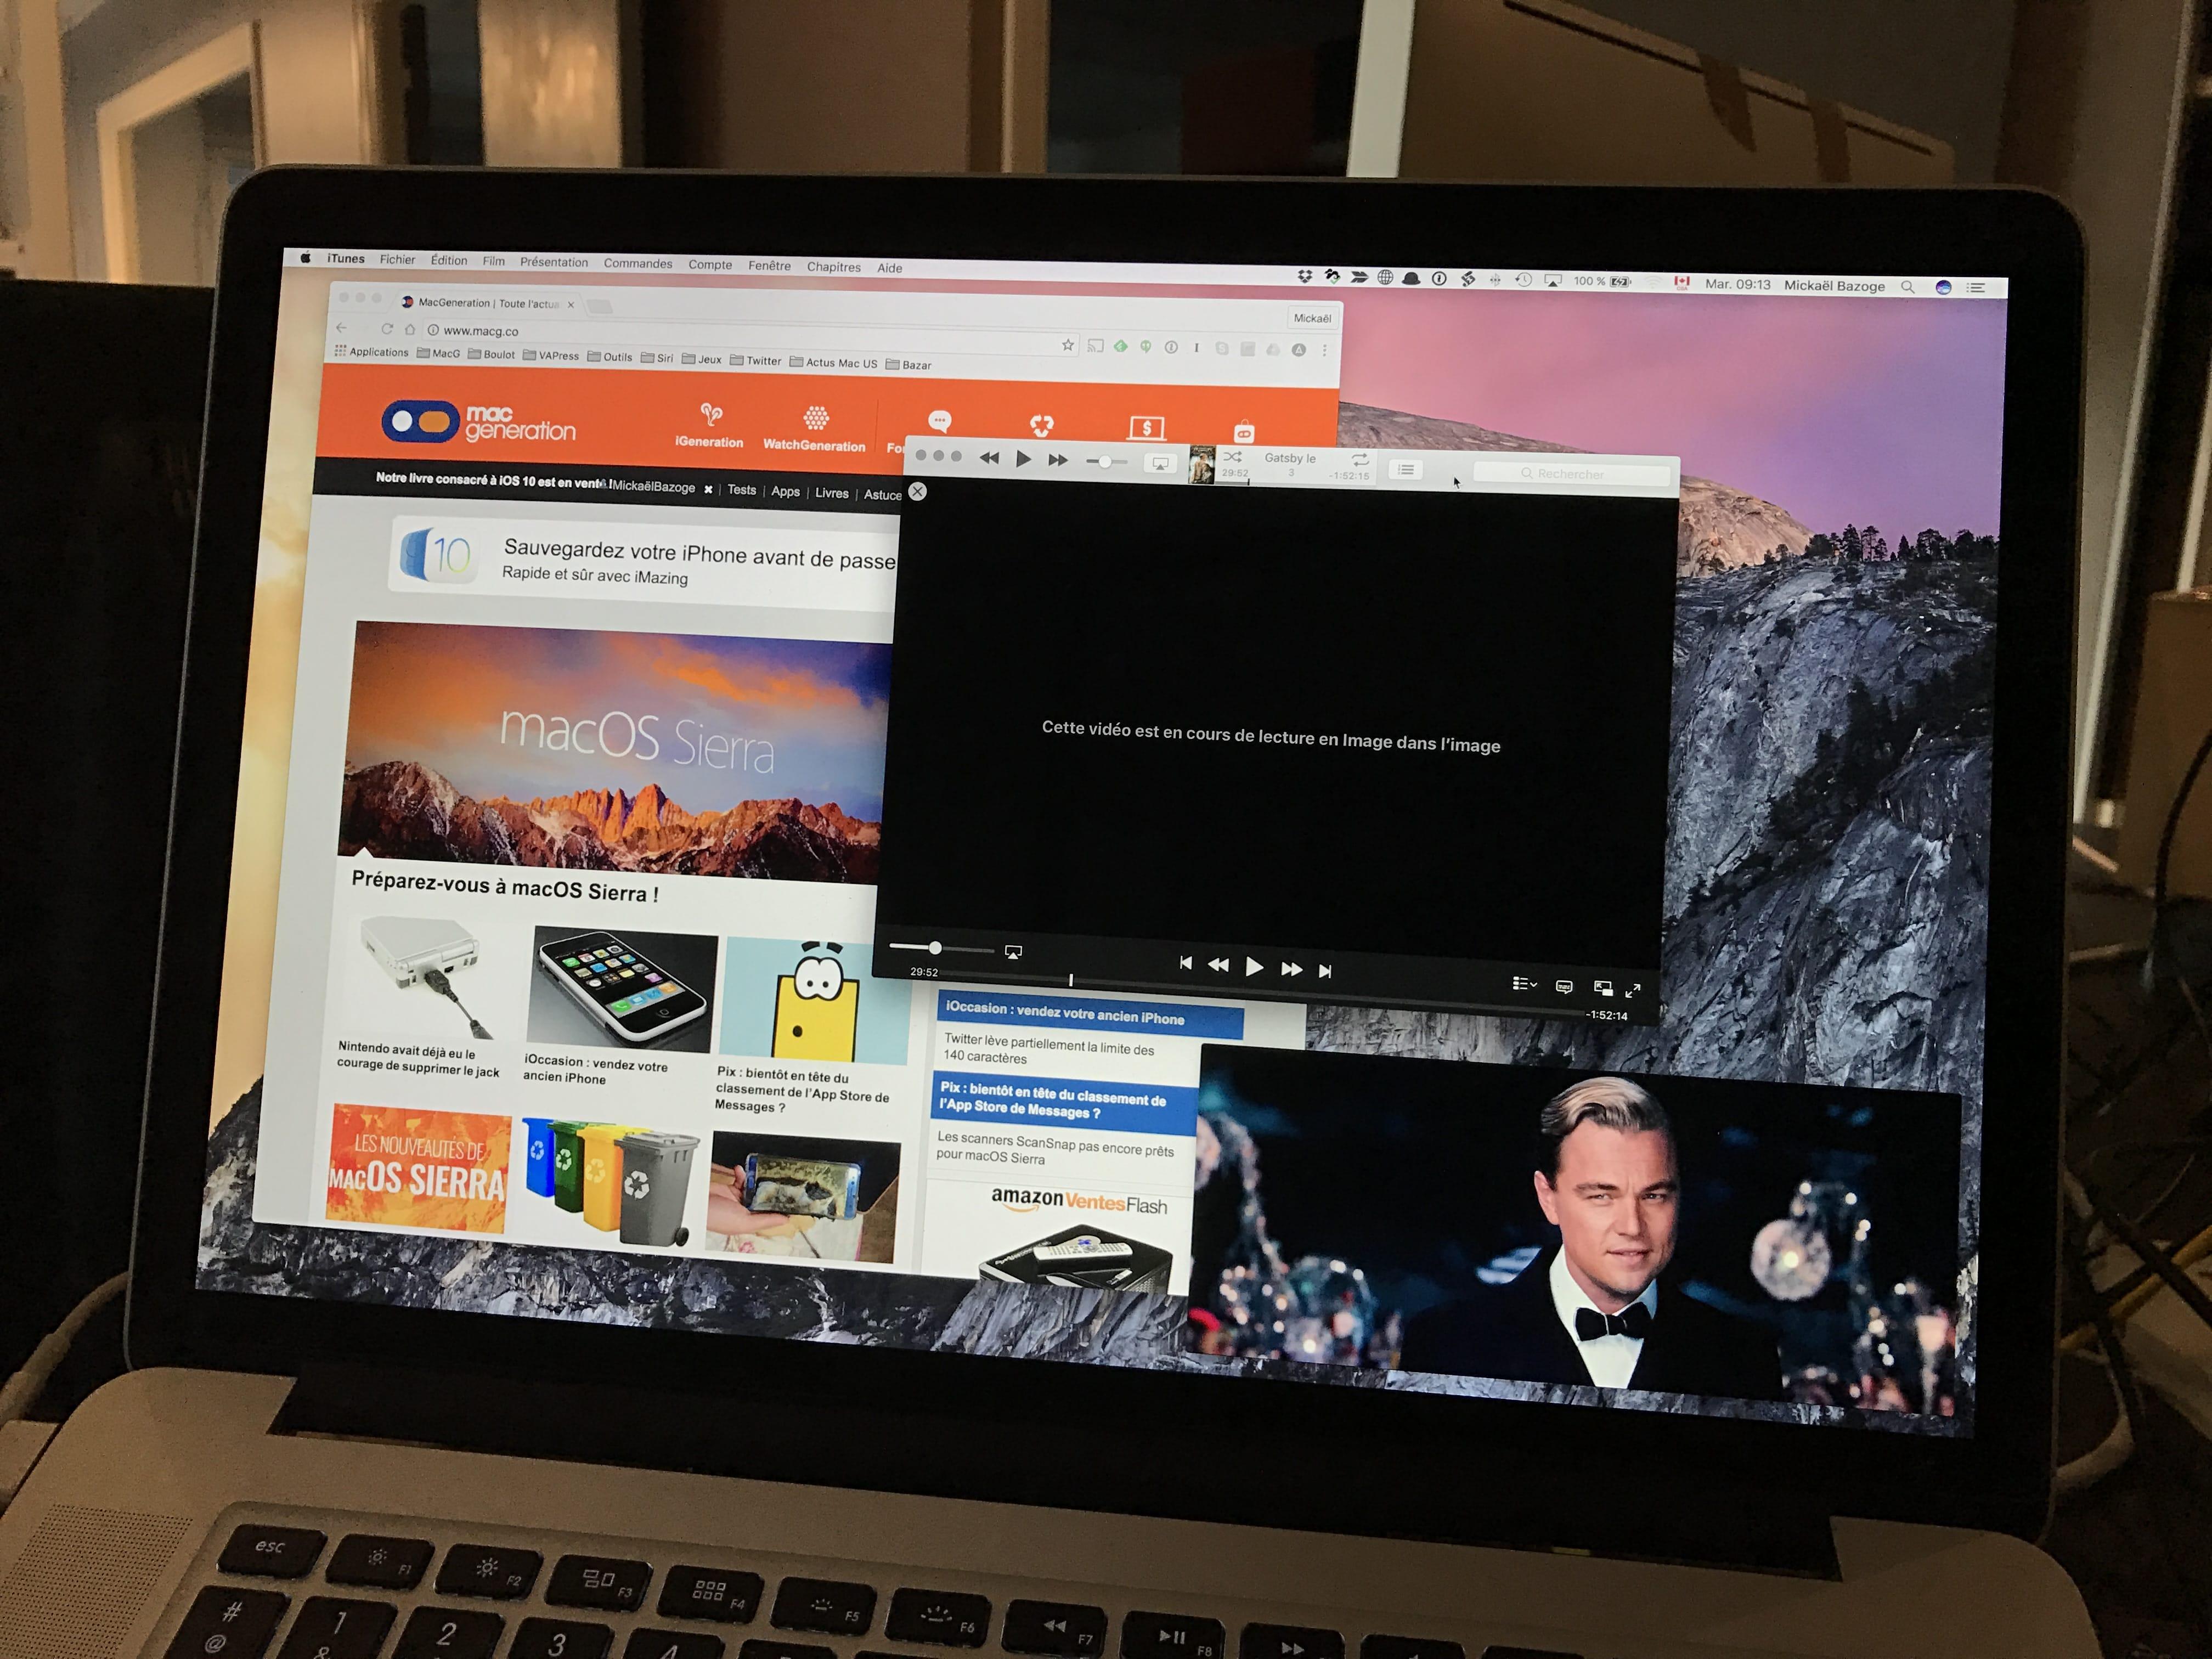 Macos sierra dix nouveaut s d couvrir ab technologies for Reduire fenetre mac